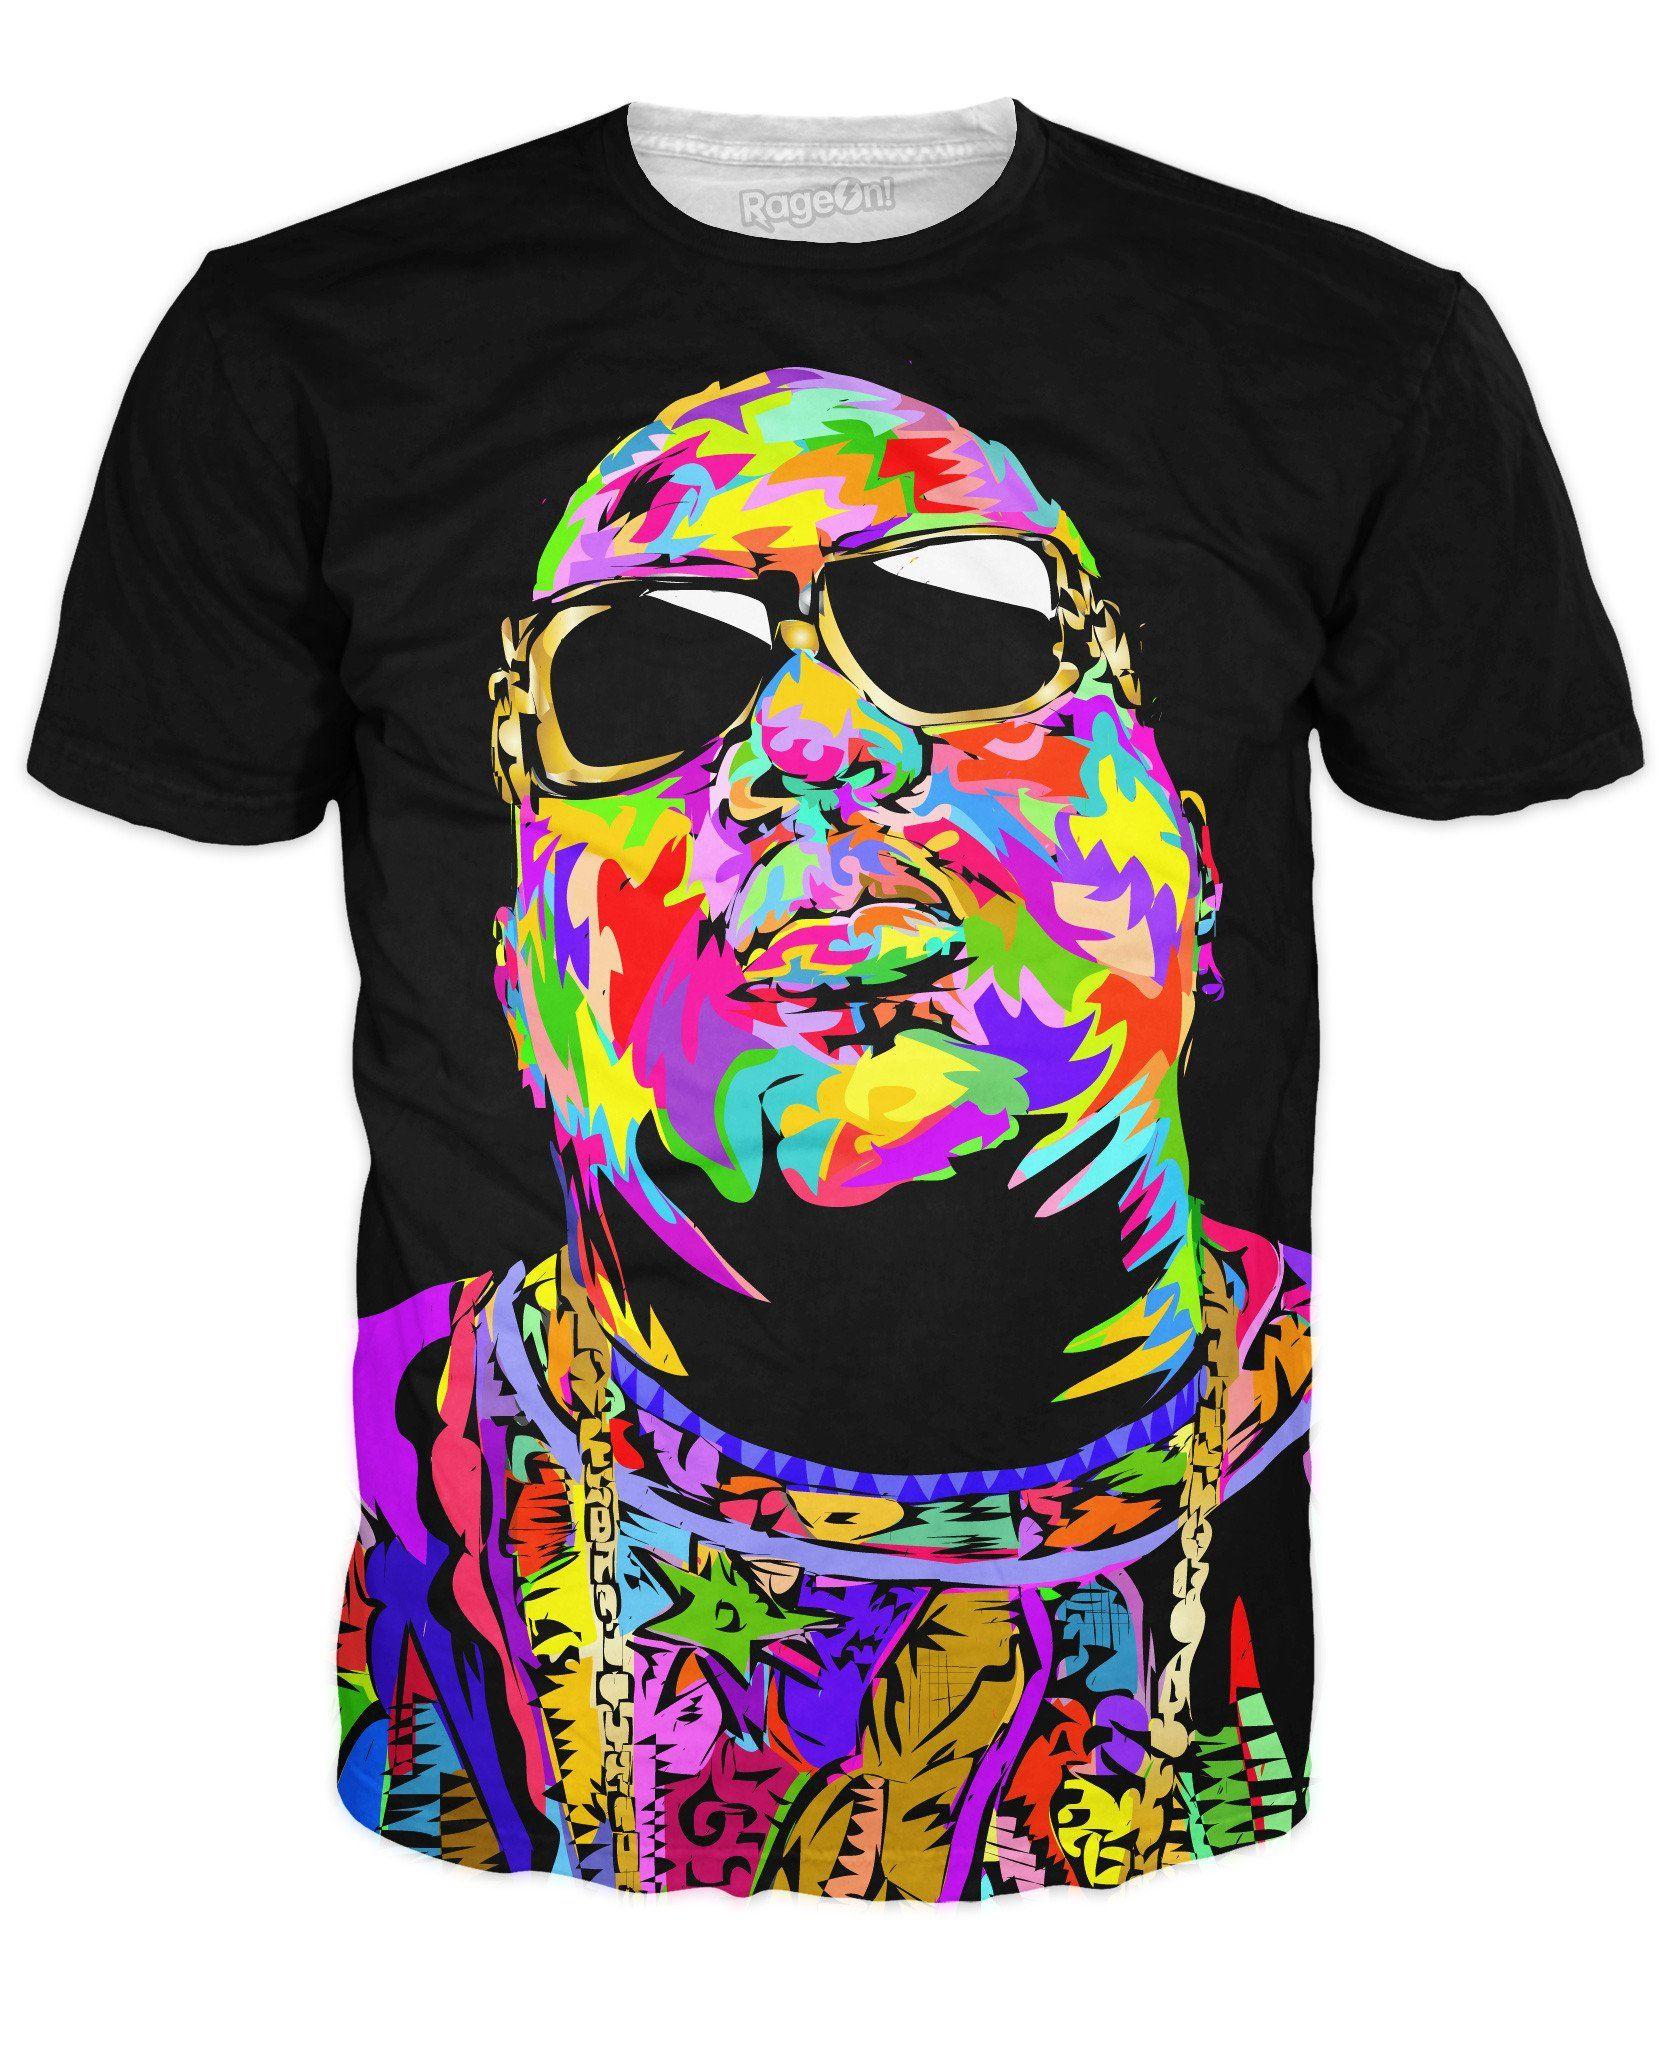 d779a45b Sick Biggie Notorious BIG B.I.G. Tee Shirt T-Shirt All Over Print Hip Hop  Rap